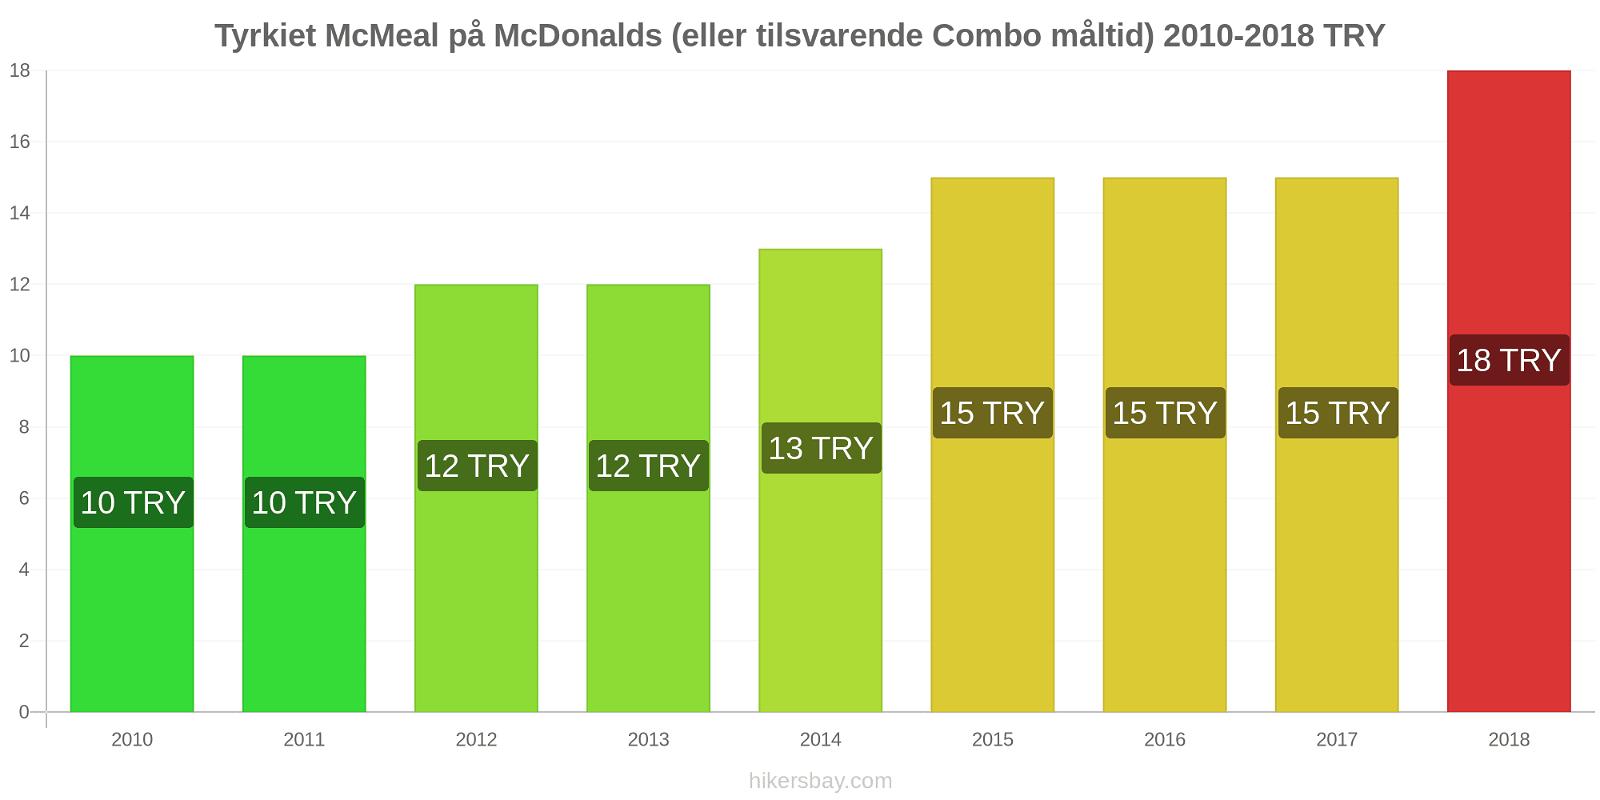 Tyrkiet prisændringer McMeal på McDonalds (eller tilsvarende Combo måltid) hikersbay.com